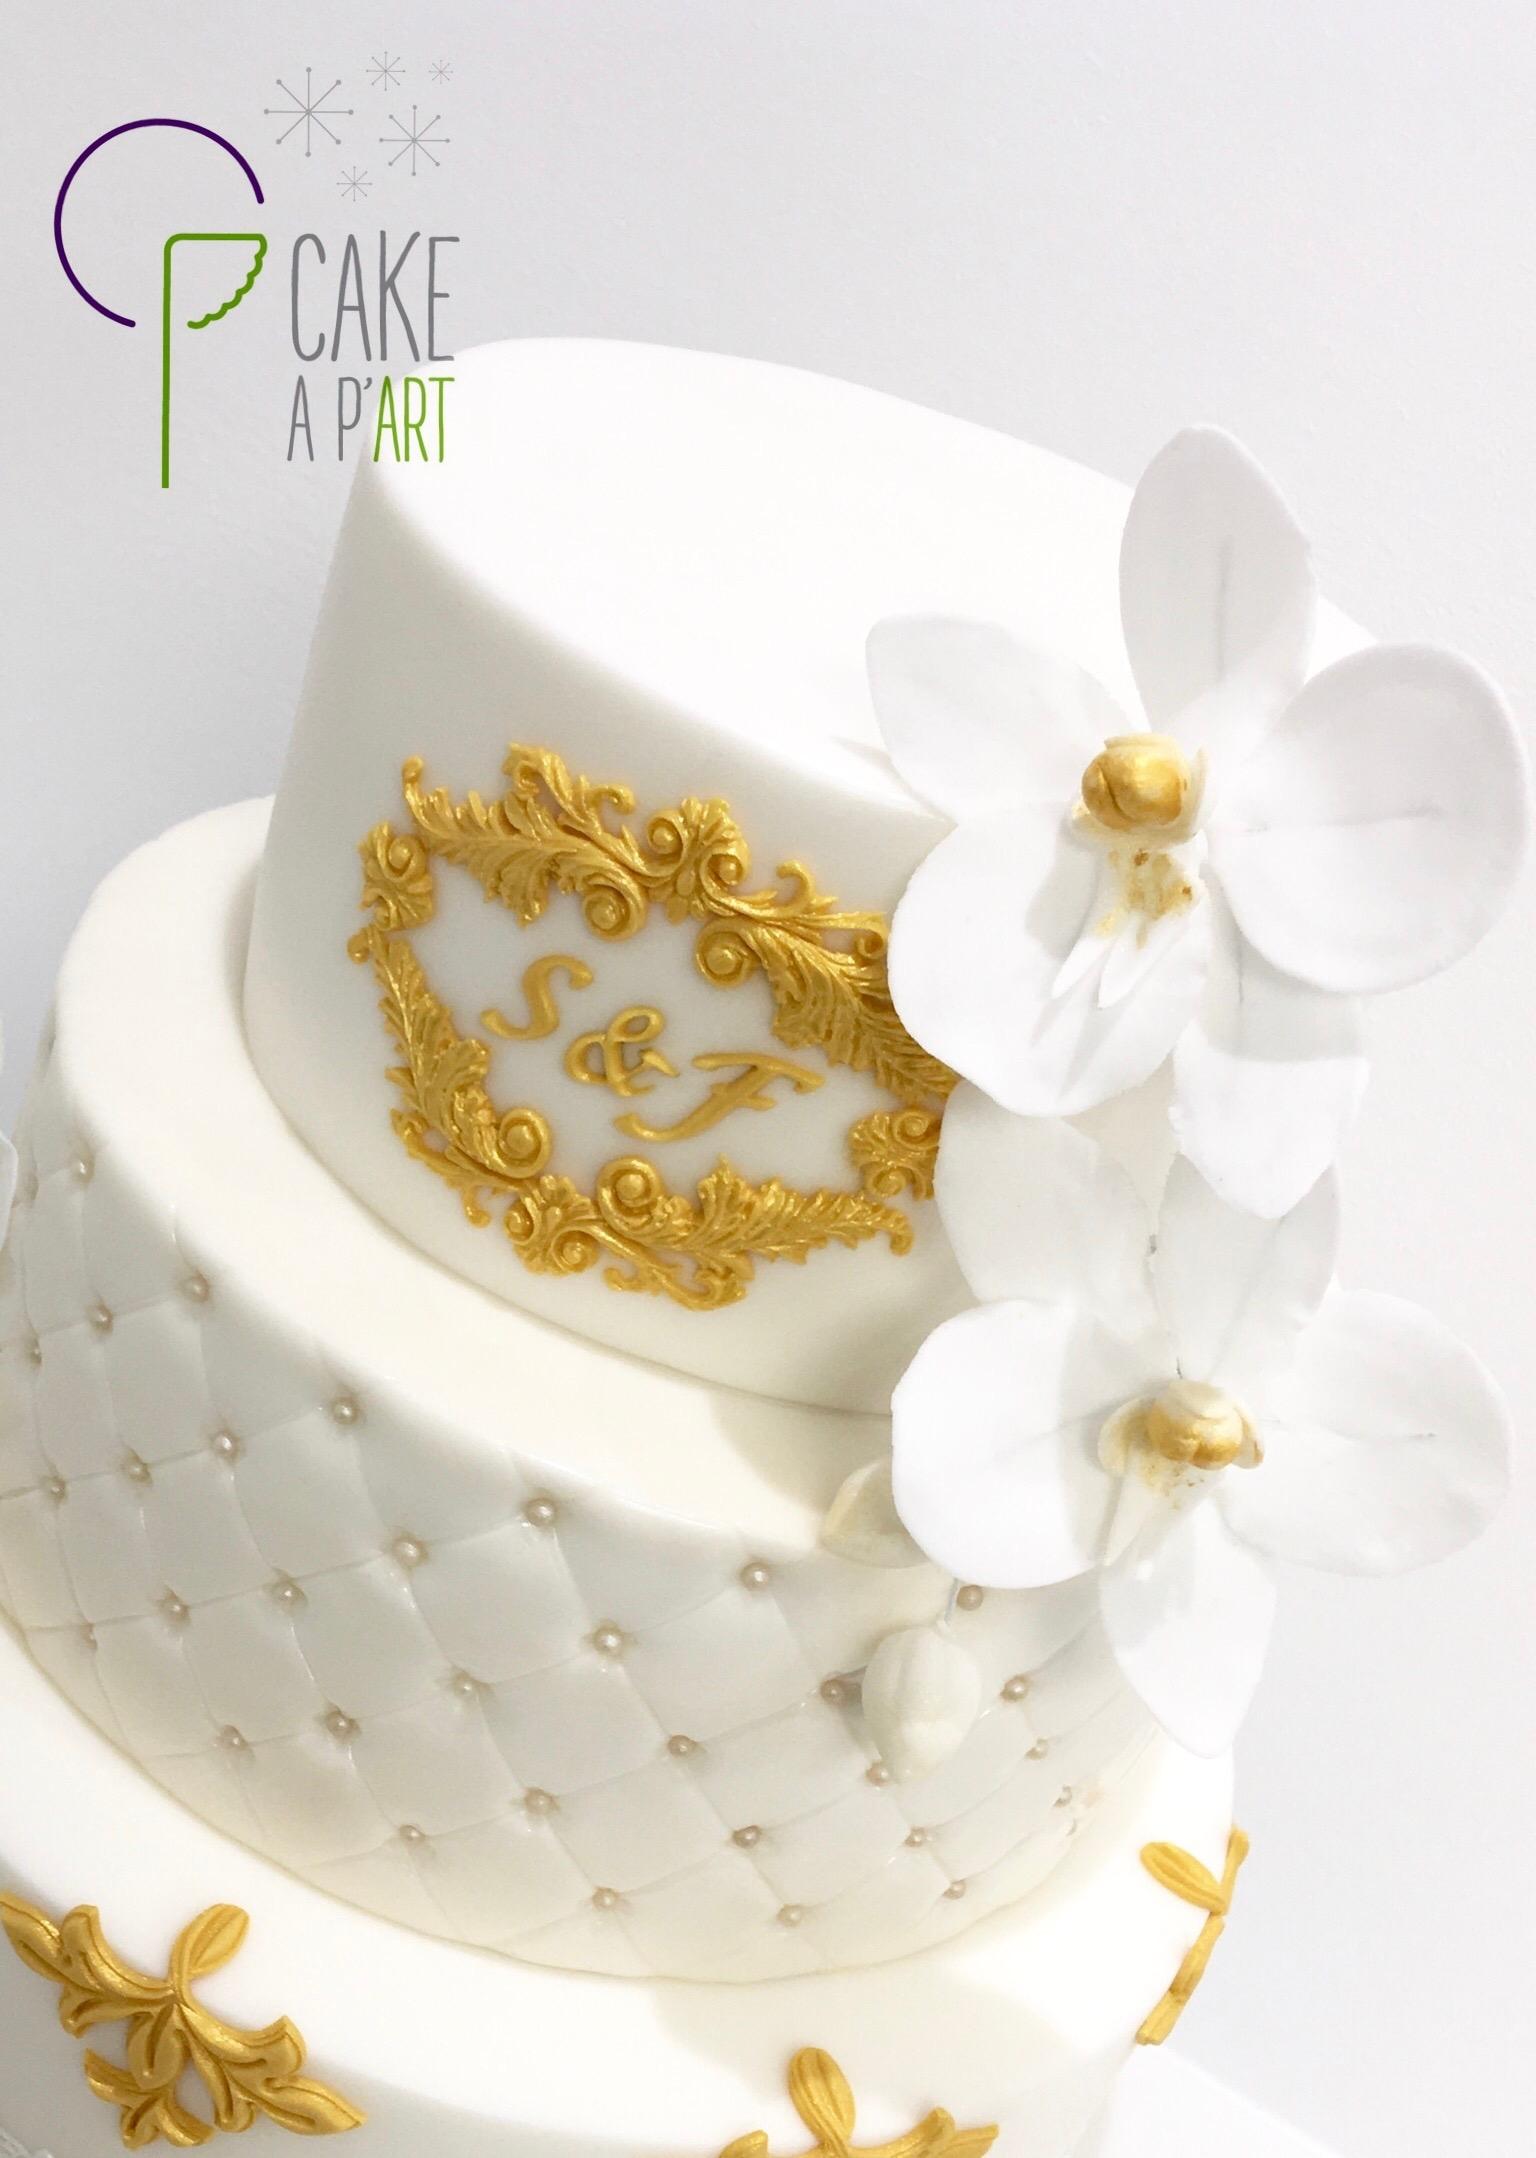 Décor en sucre gâteaux personnalisés - Mariage fleurs Orchidées Blanc et or